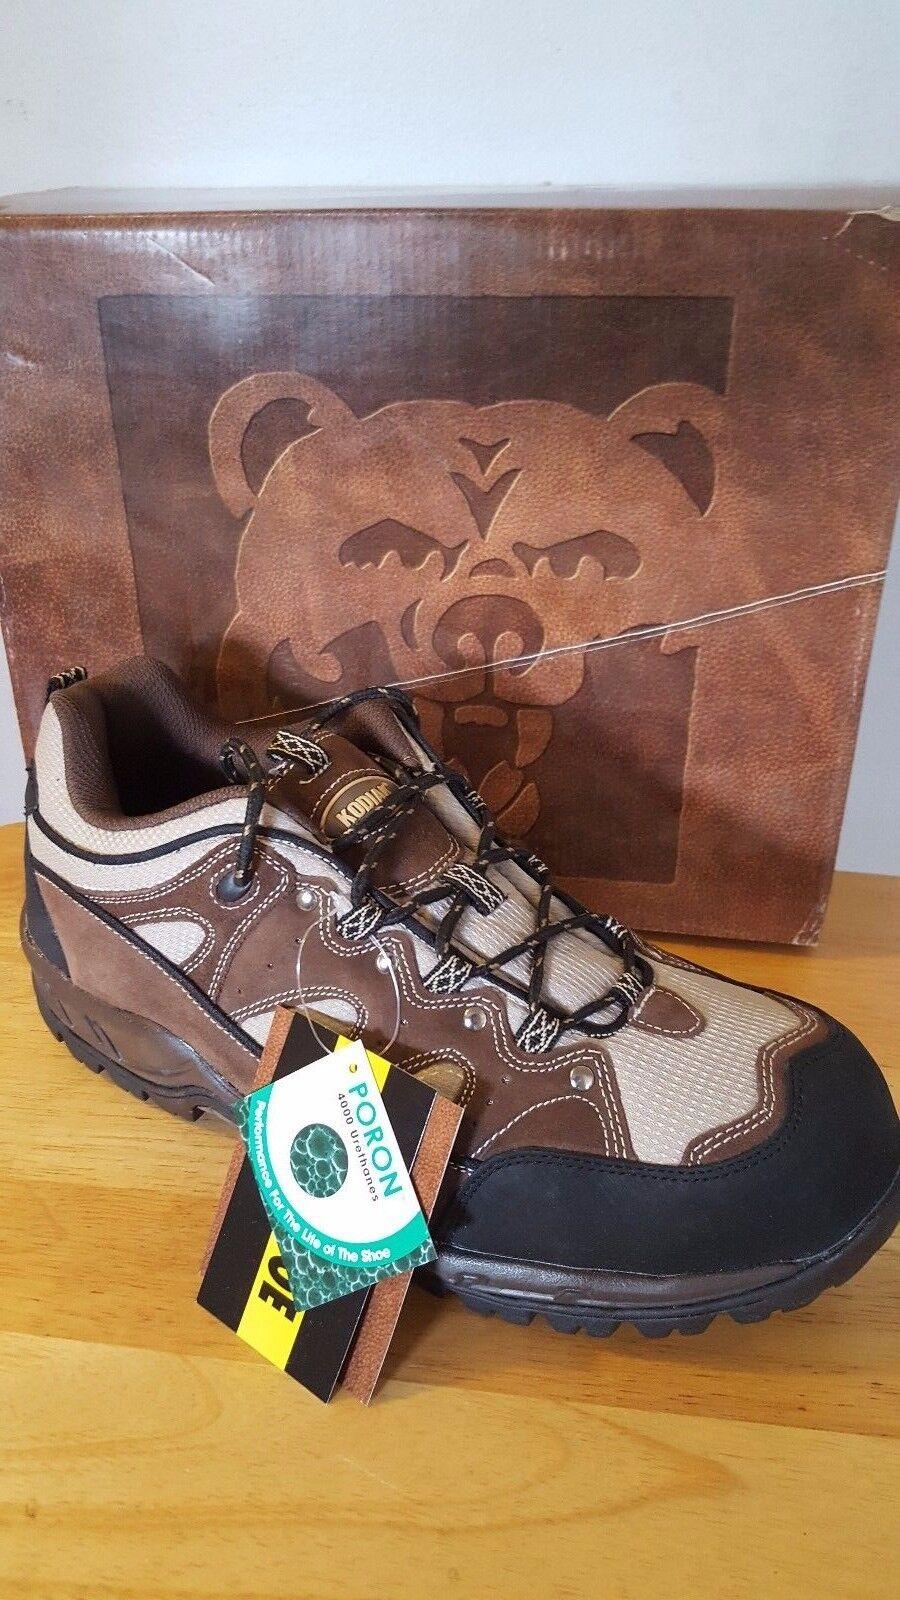 Kodiak Momentum ST Steel Toe Hiker Style Work shoes 202034 Size 11.5